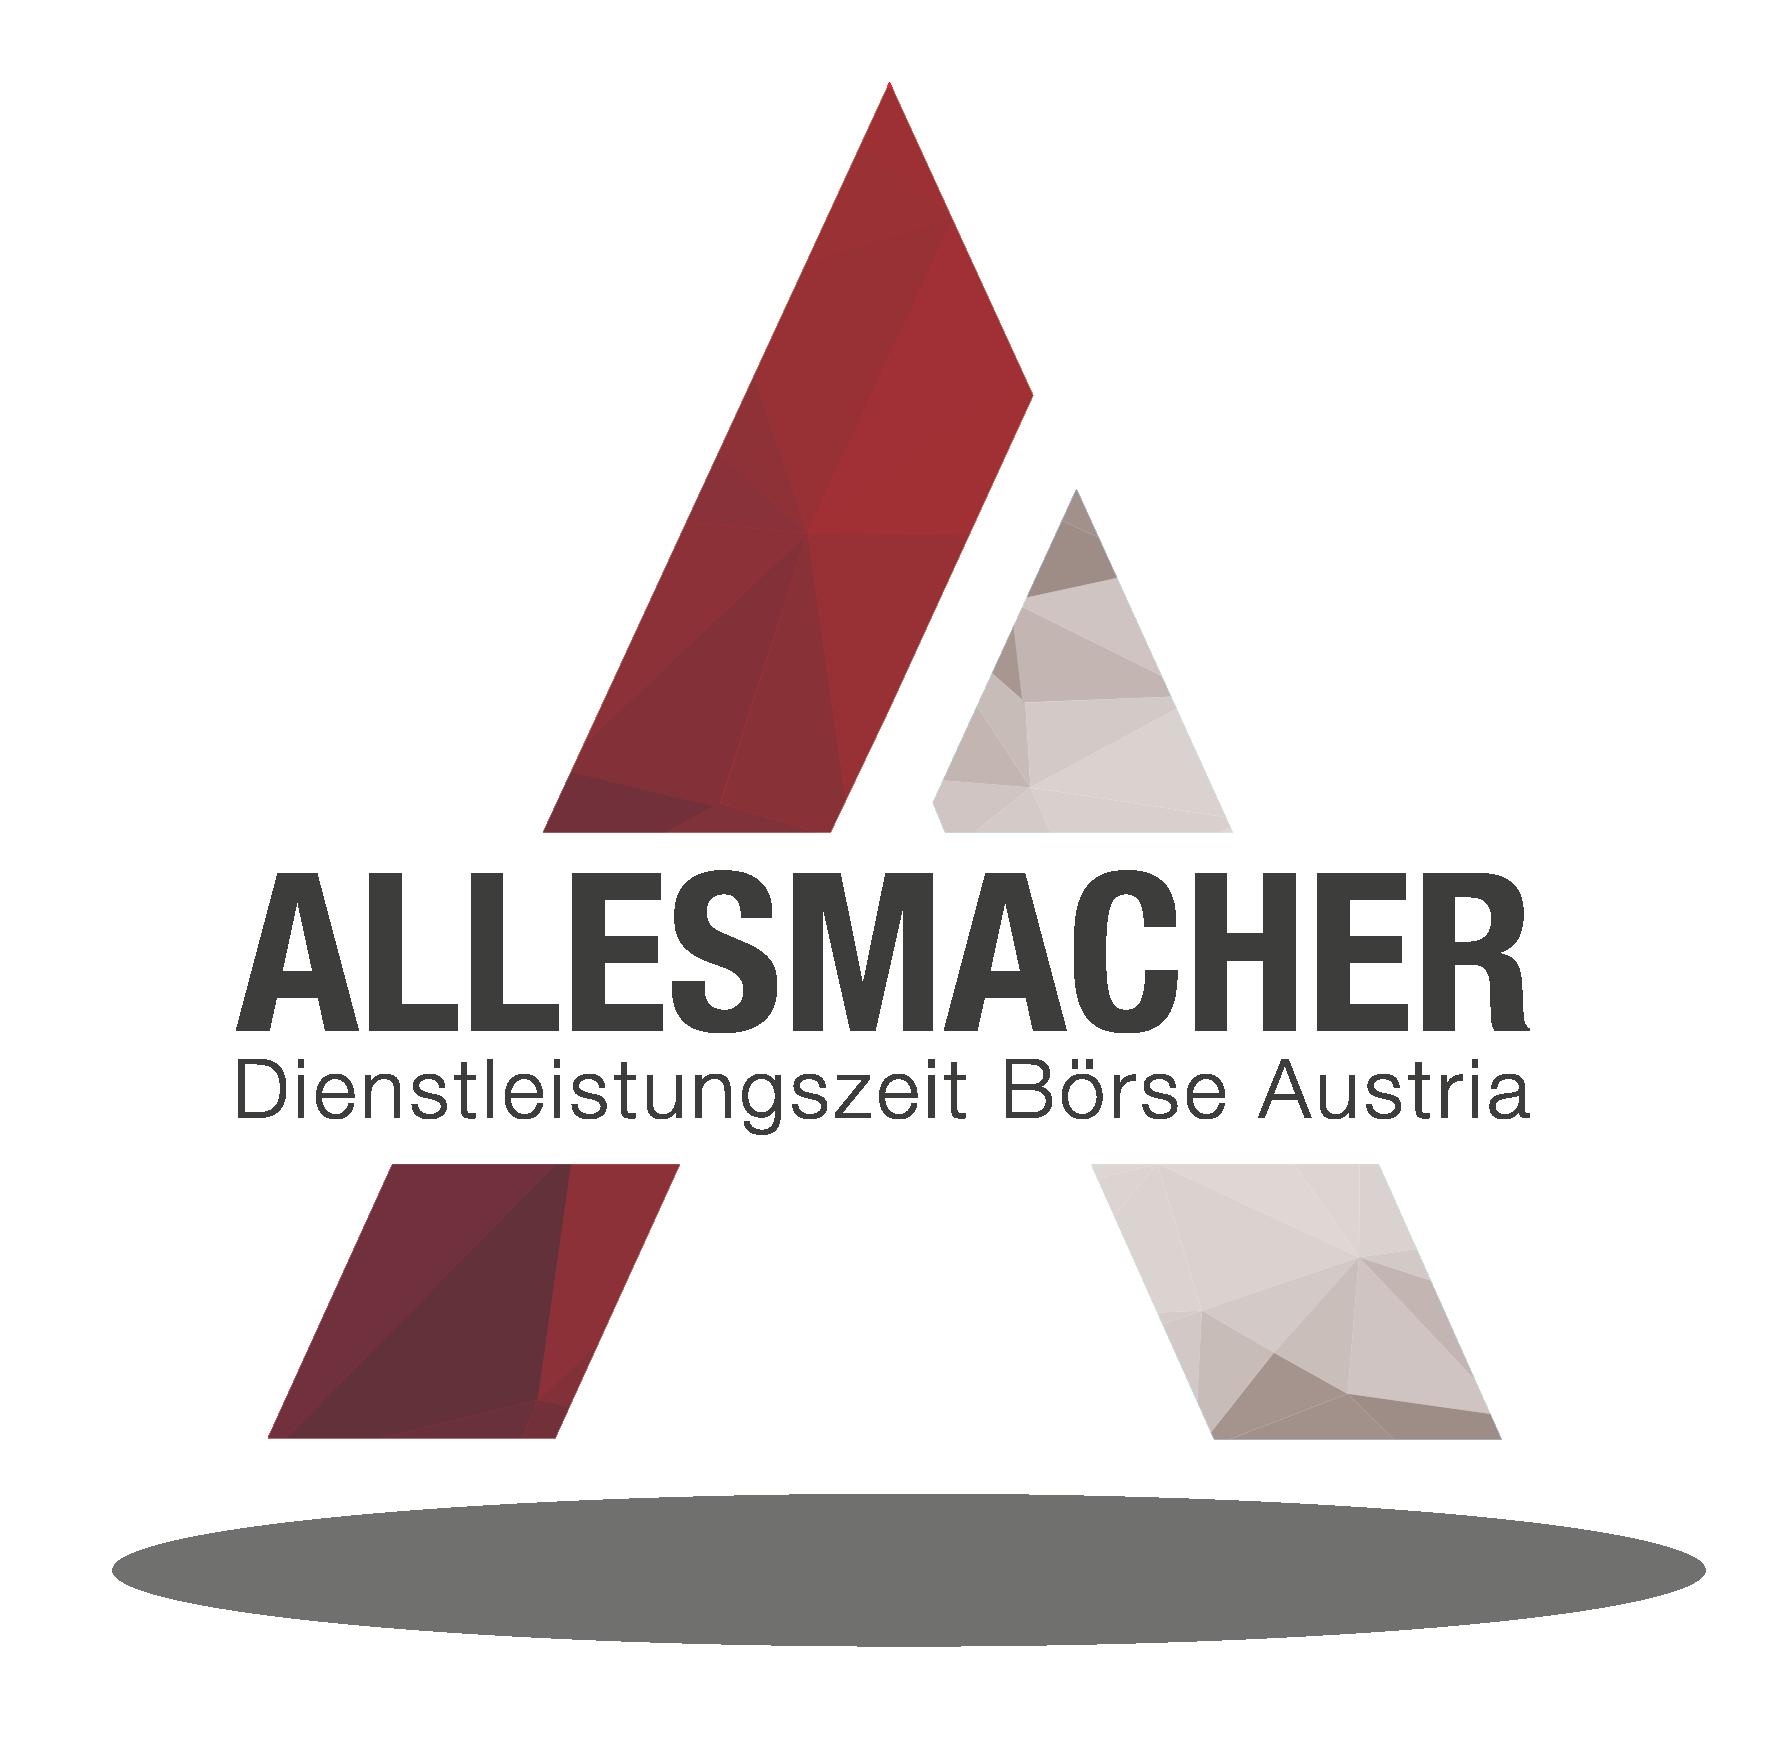 Allesmacher – Dienstleistungszeit Börse Austria